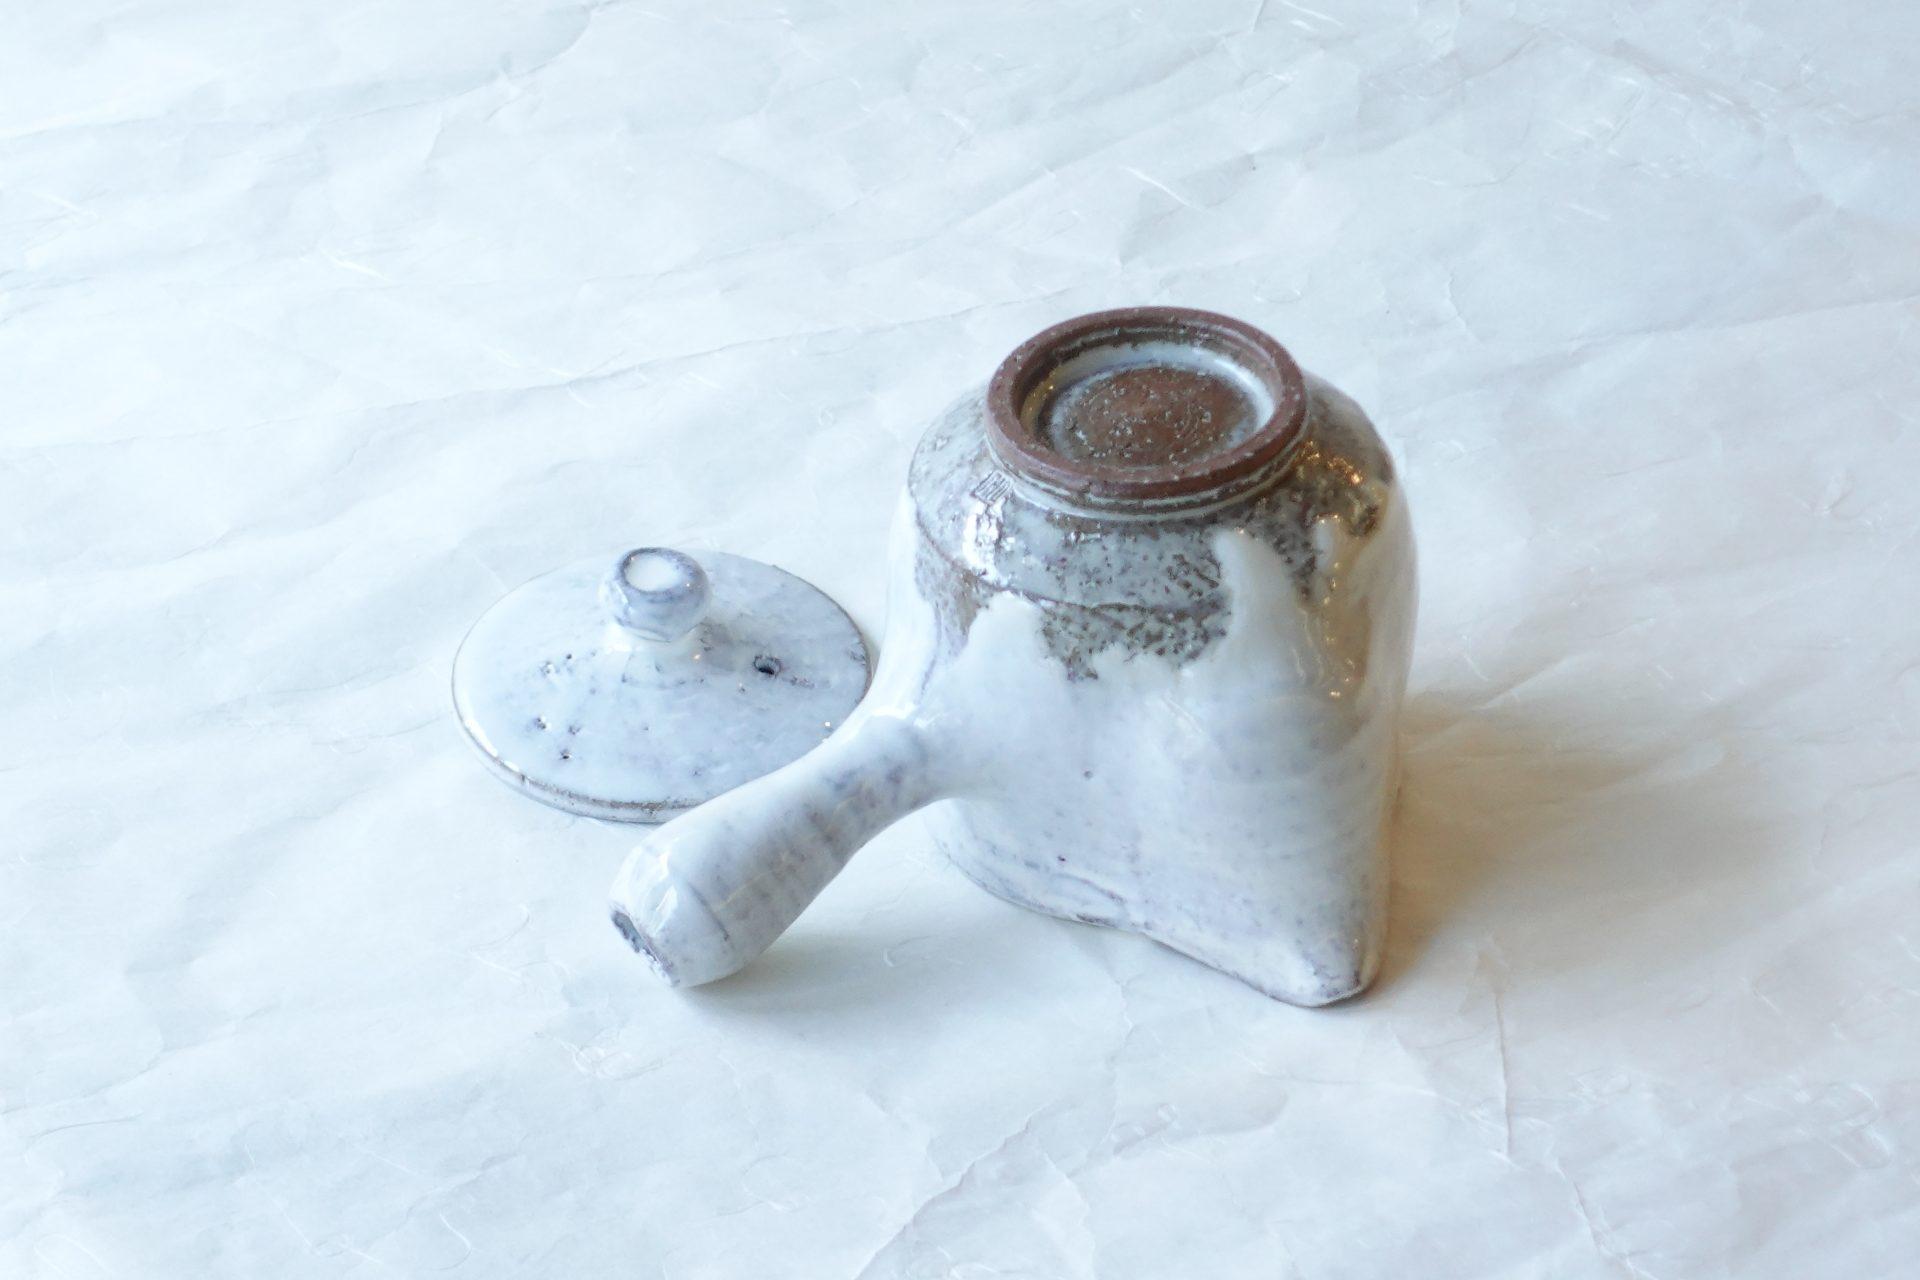 陶器 萩焼 白釉 急須 手づくり 貫入 口が広い 洗いやすい 高級感 機能的 使いやすい いい雰囲気 永年使い込む 時代がつく 大ぶり 茶葉捨てやすい 片手で注げる